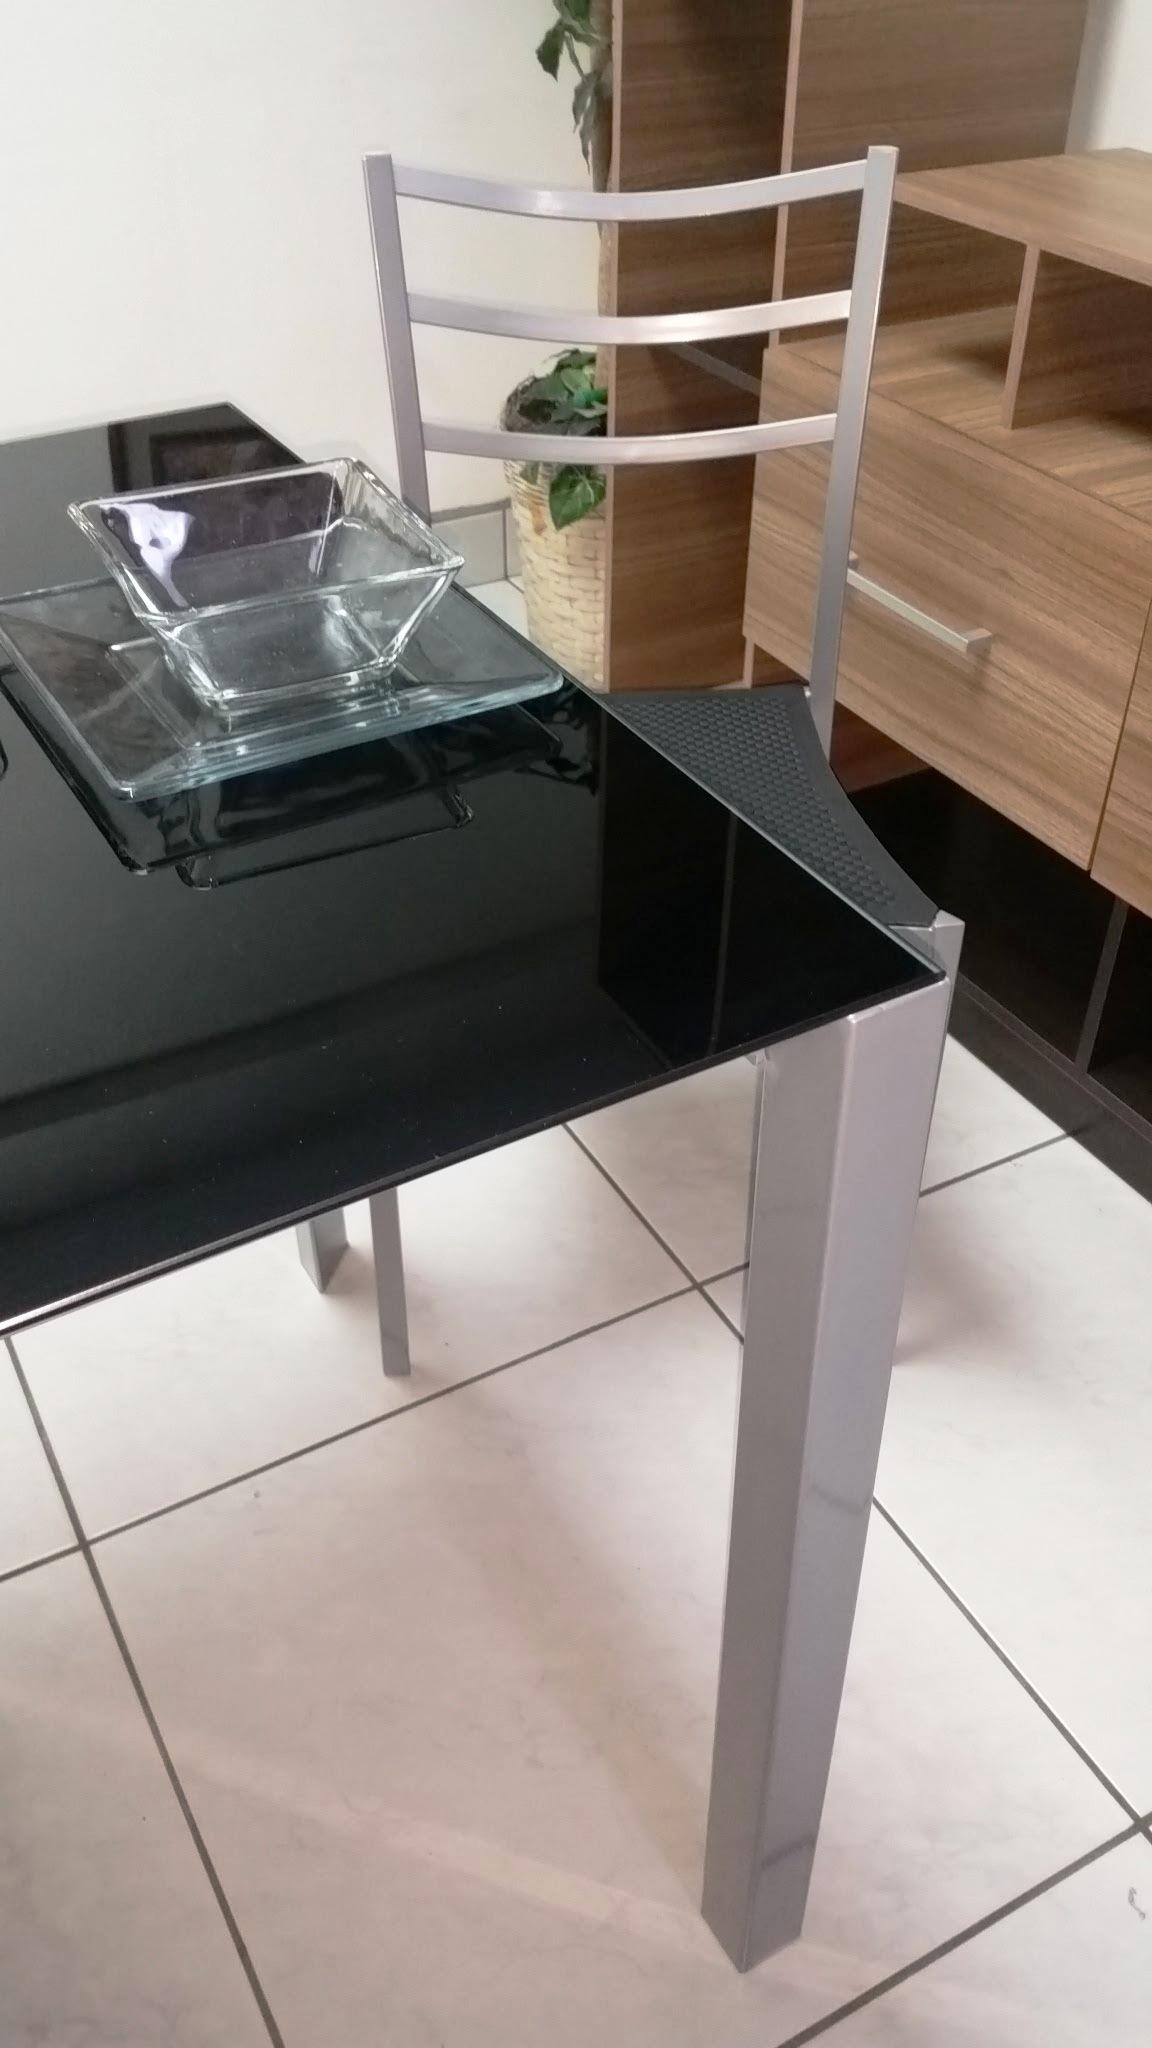 Juego de comedor de vidrio temperado miami con 4 sillas for Comedor vidrio 4 sillas